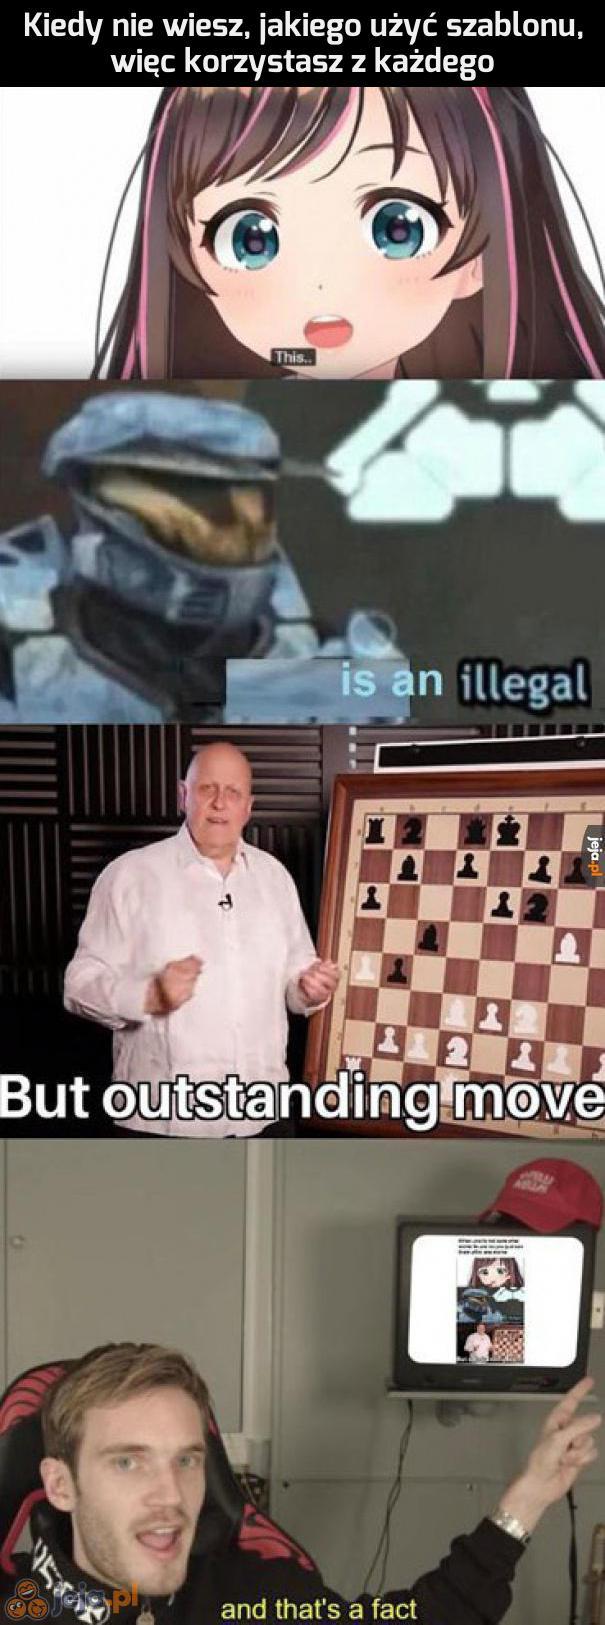 Władca memów